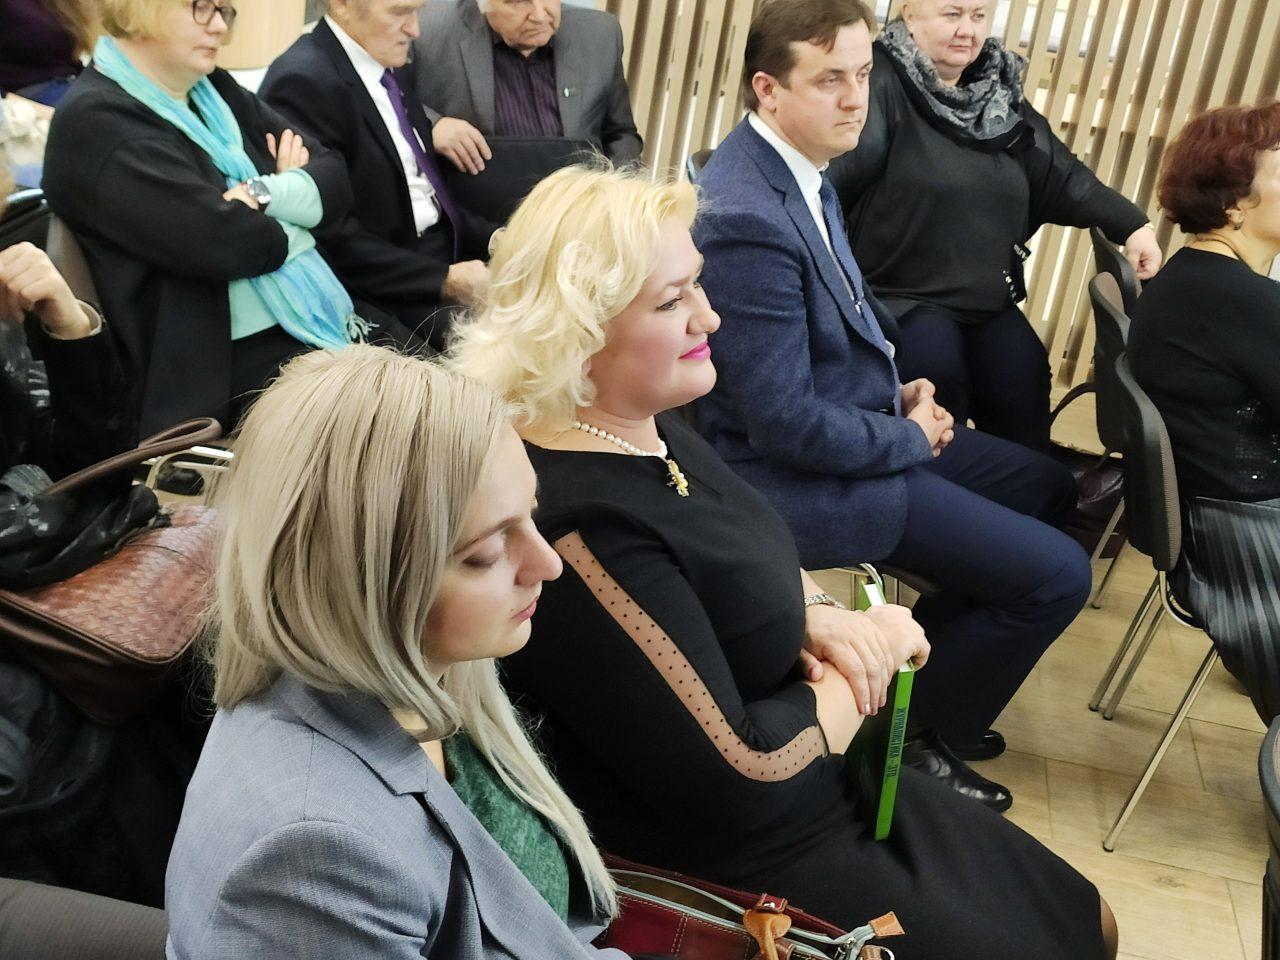 «После таких историй понимаешь: журналистике довольно сложно научить, ей можно только научиться». В Минске прошла презентация книги «Журналистика — это...» 20